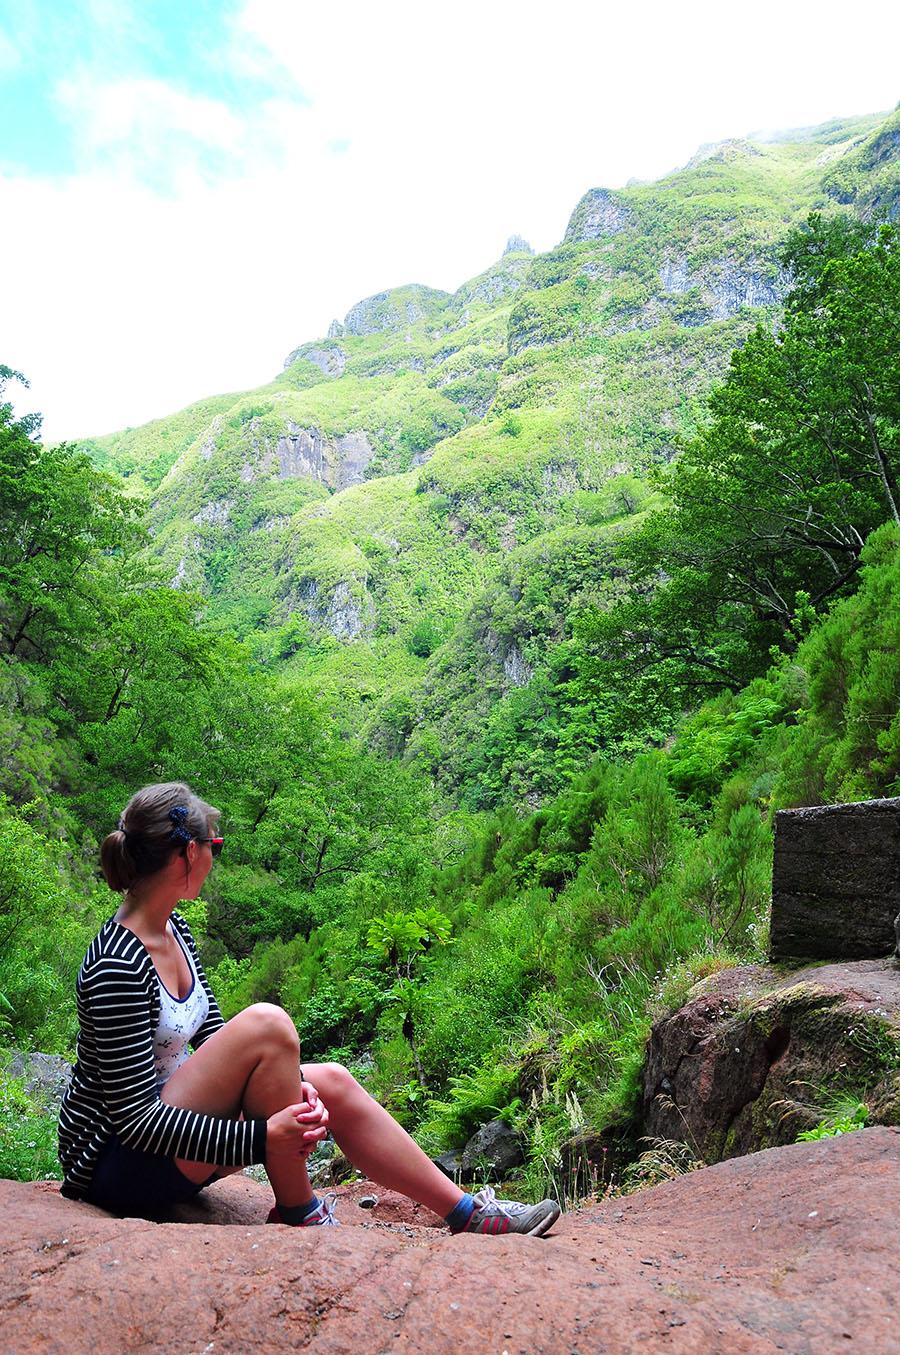 road-trip à madère, informations et conseils, caldeirao verde, randonnee